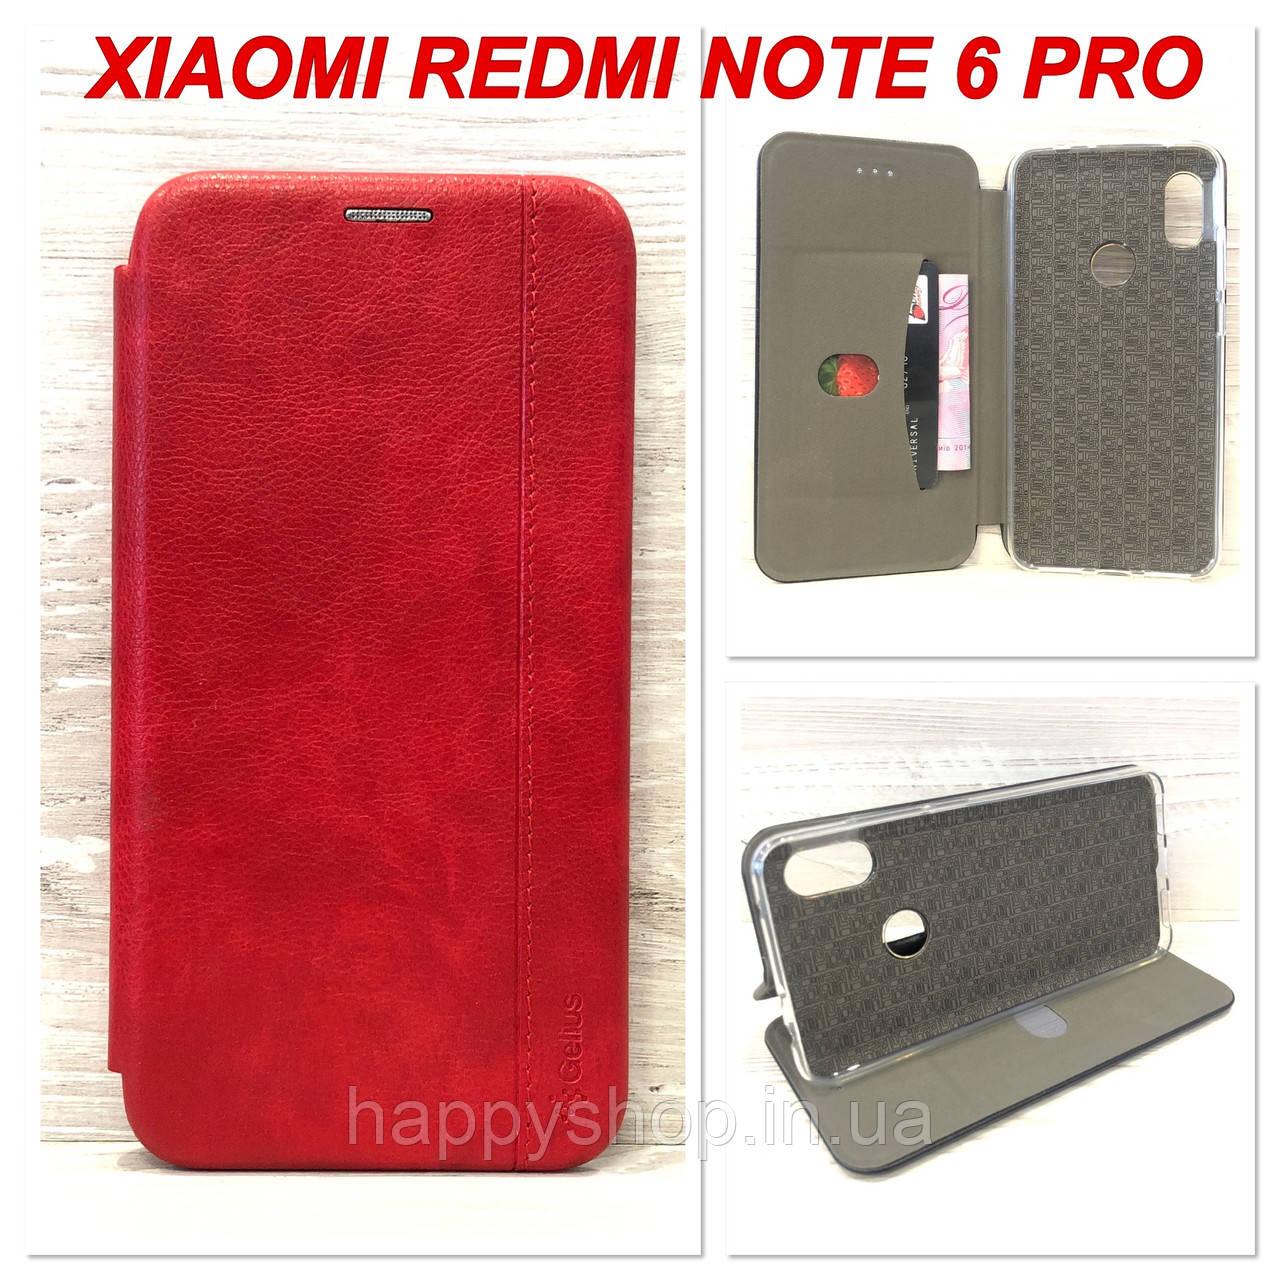 Чехол-книжка Gelius Leather для Xiaomi Redmi Note 6 Pro (Красный)